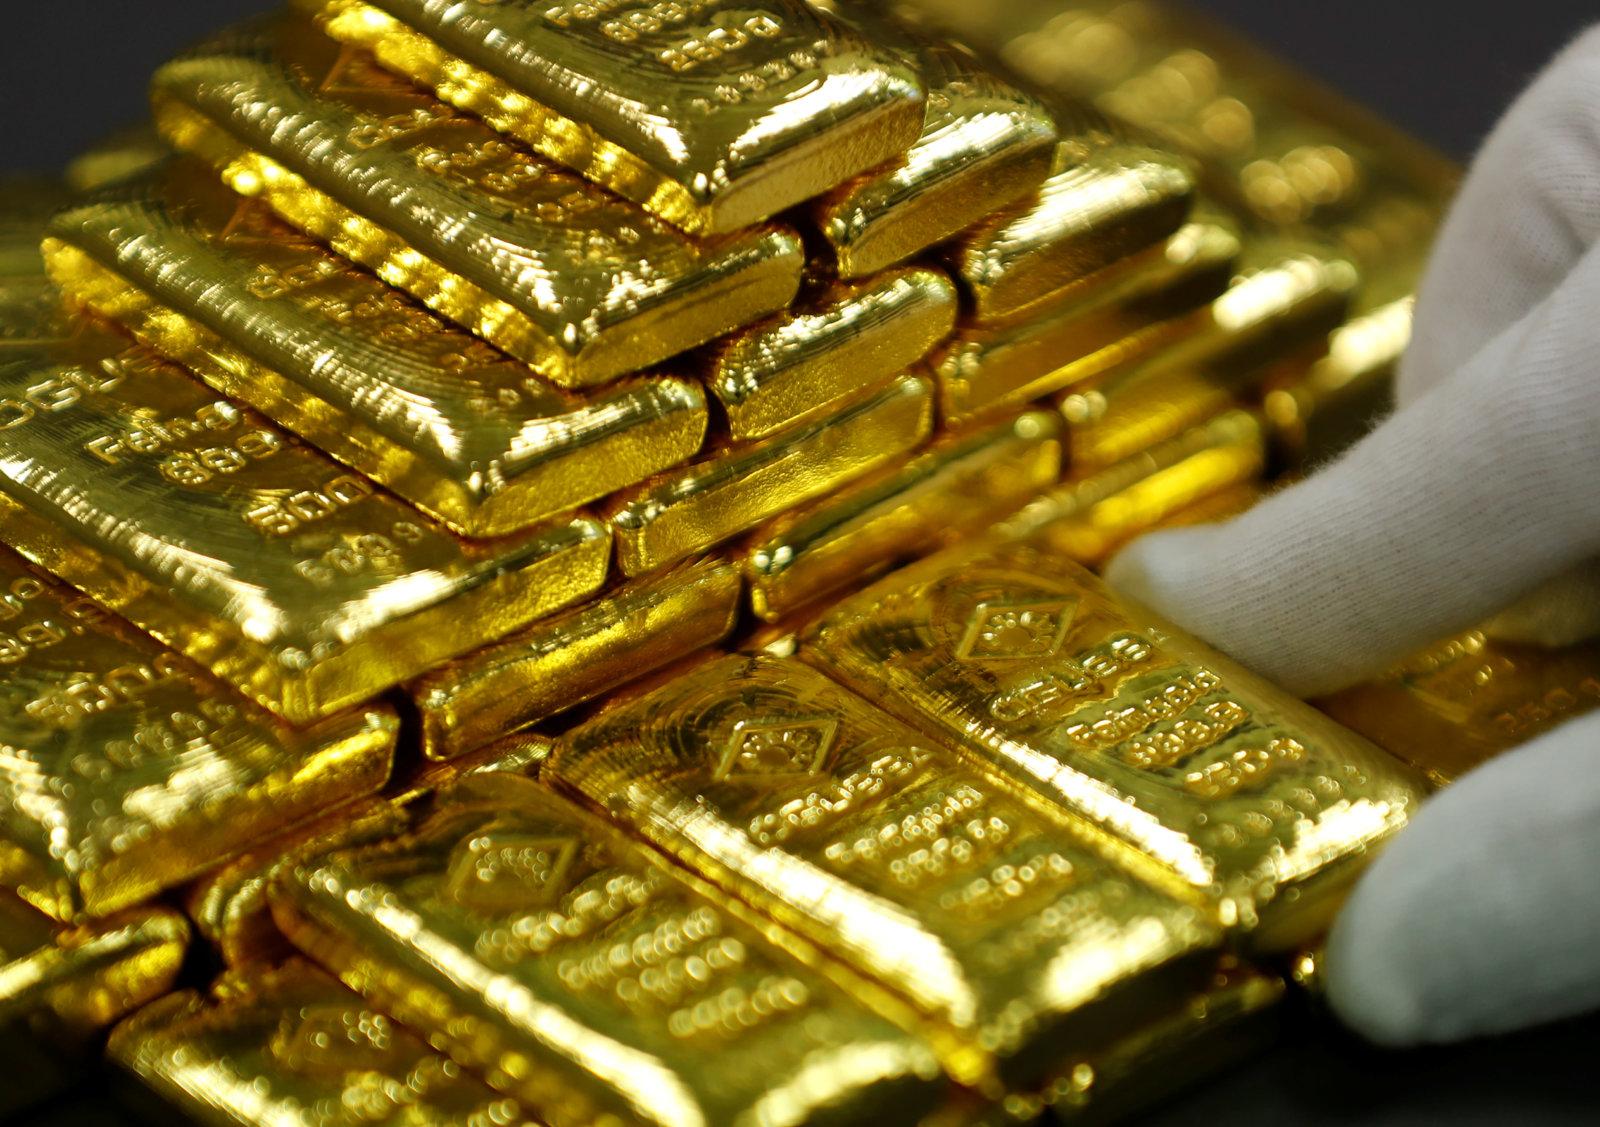 الذهب تنخفض مع ارتفاع الأسهم بفضل تنازلات ترامب التجارية